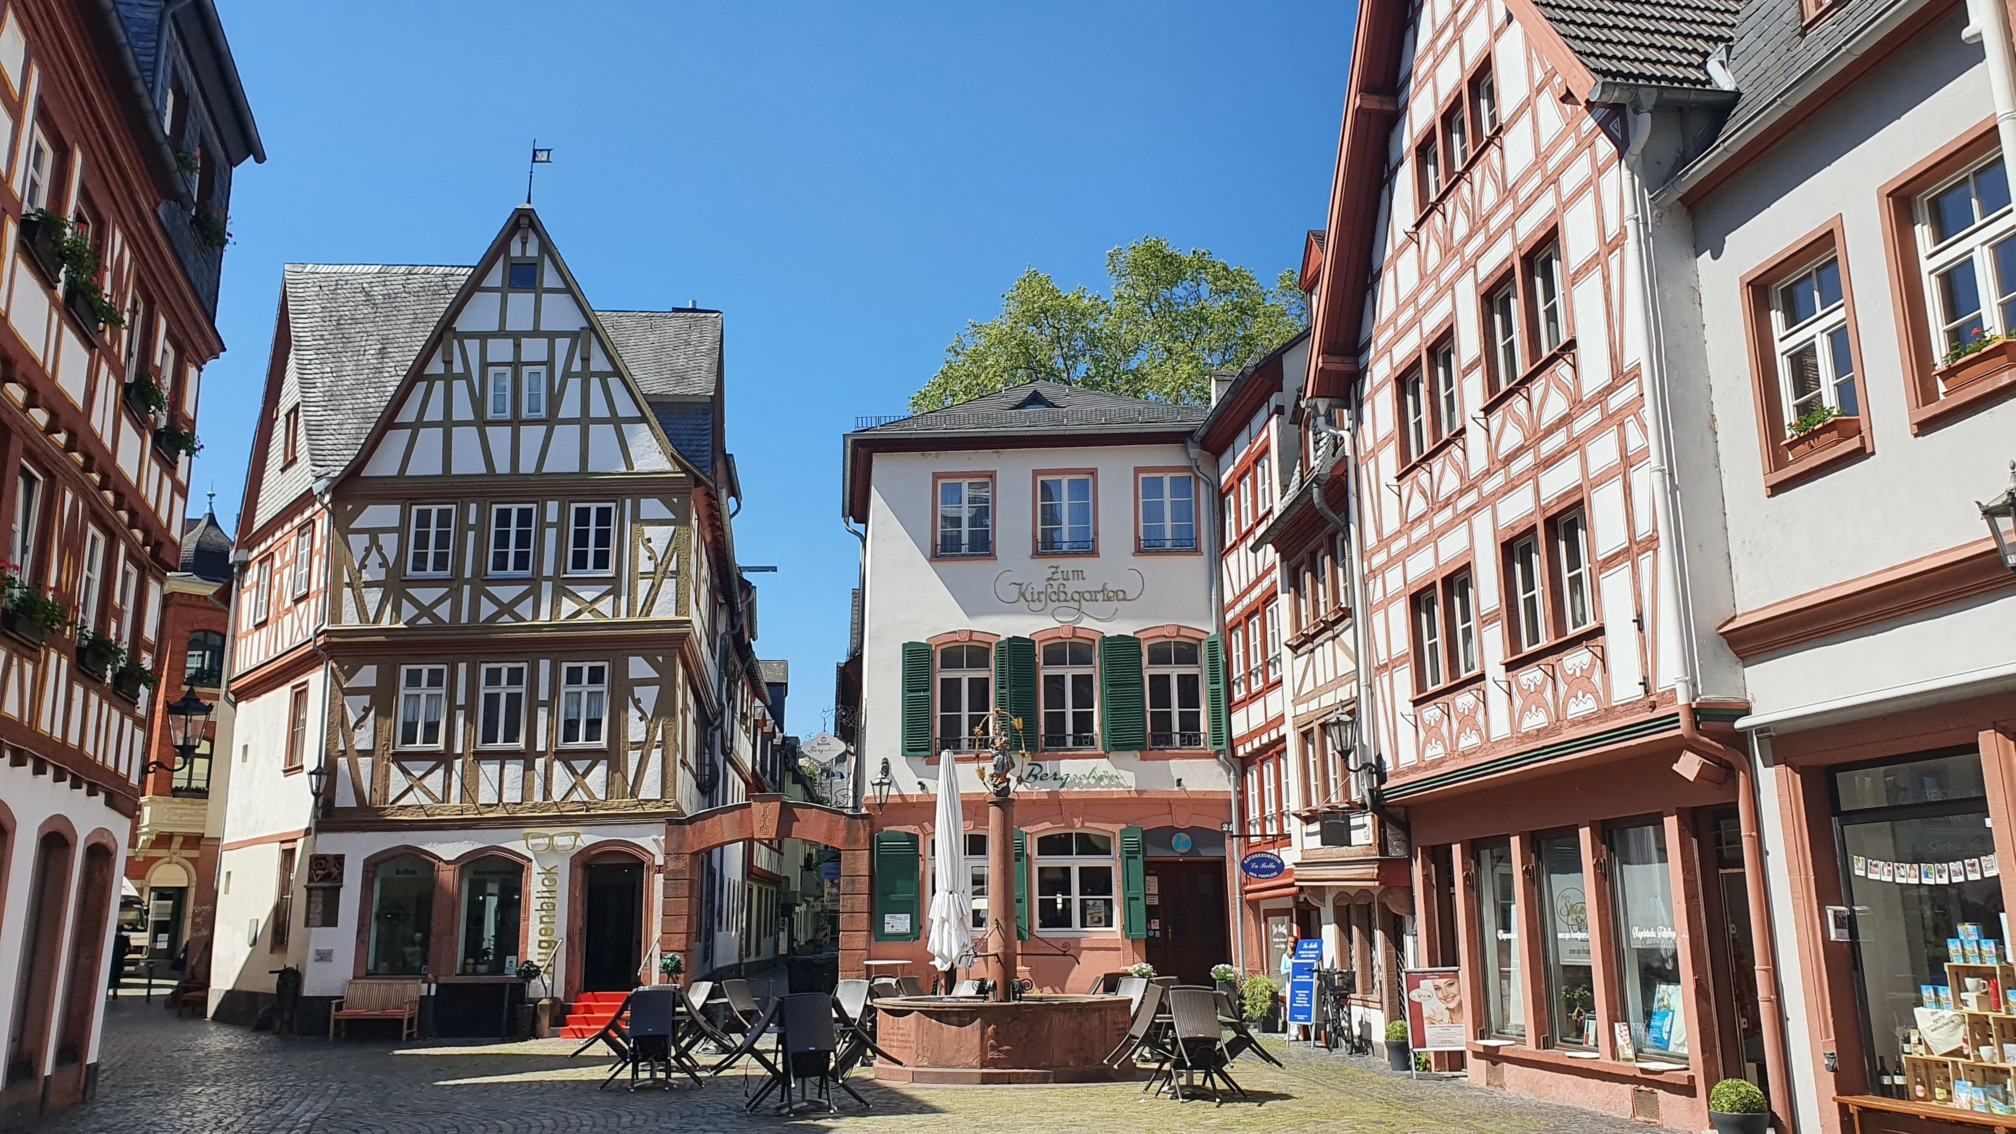 Liebfrauenplatz Mainz